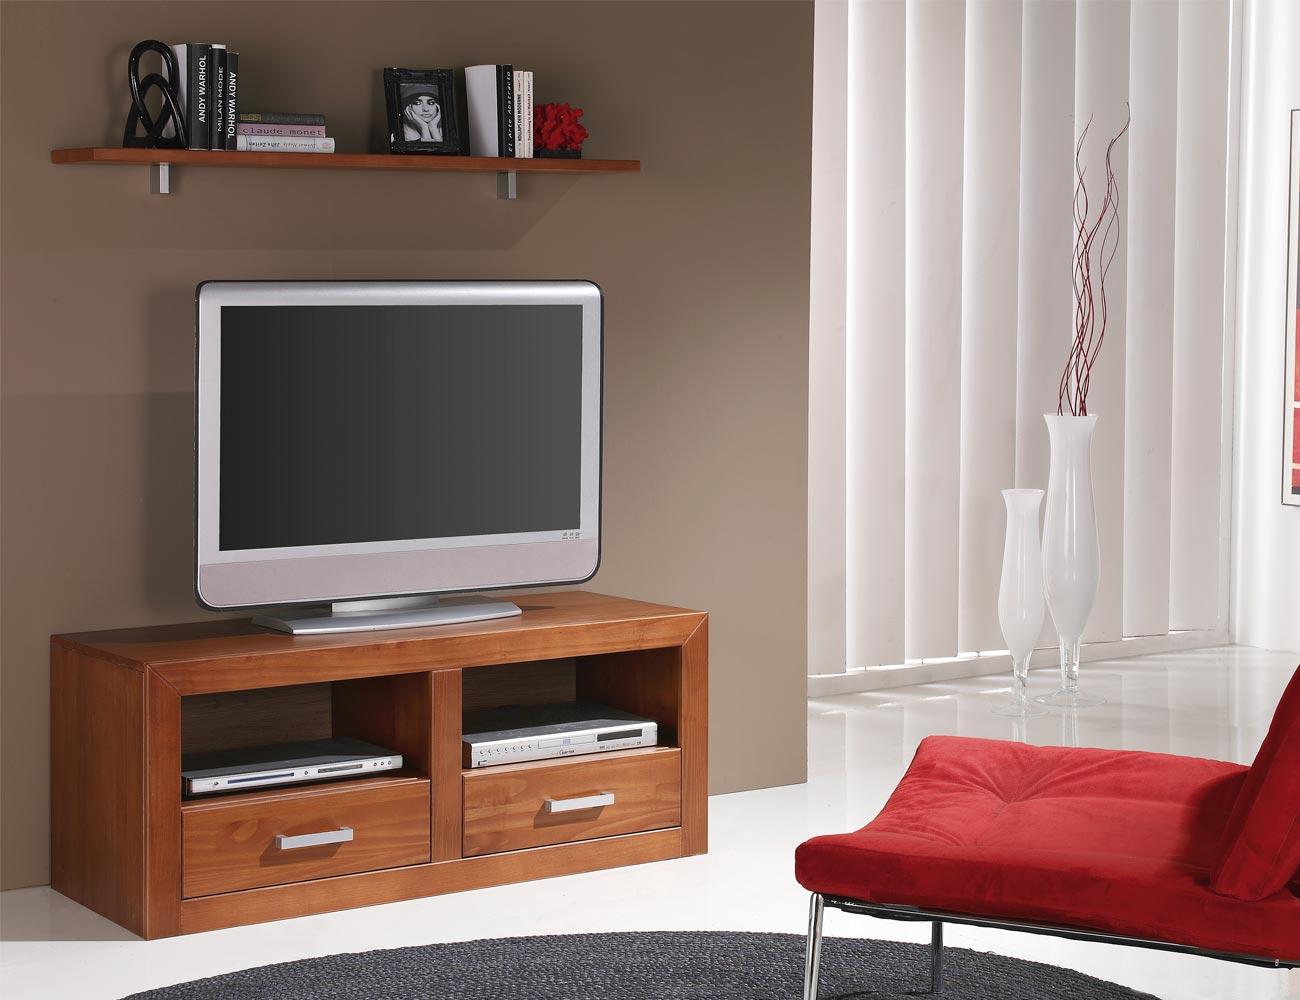 Ambiente21 mueble salon comedor tv  estante nogal1